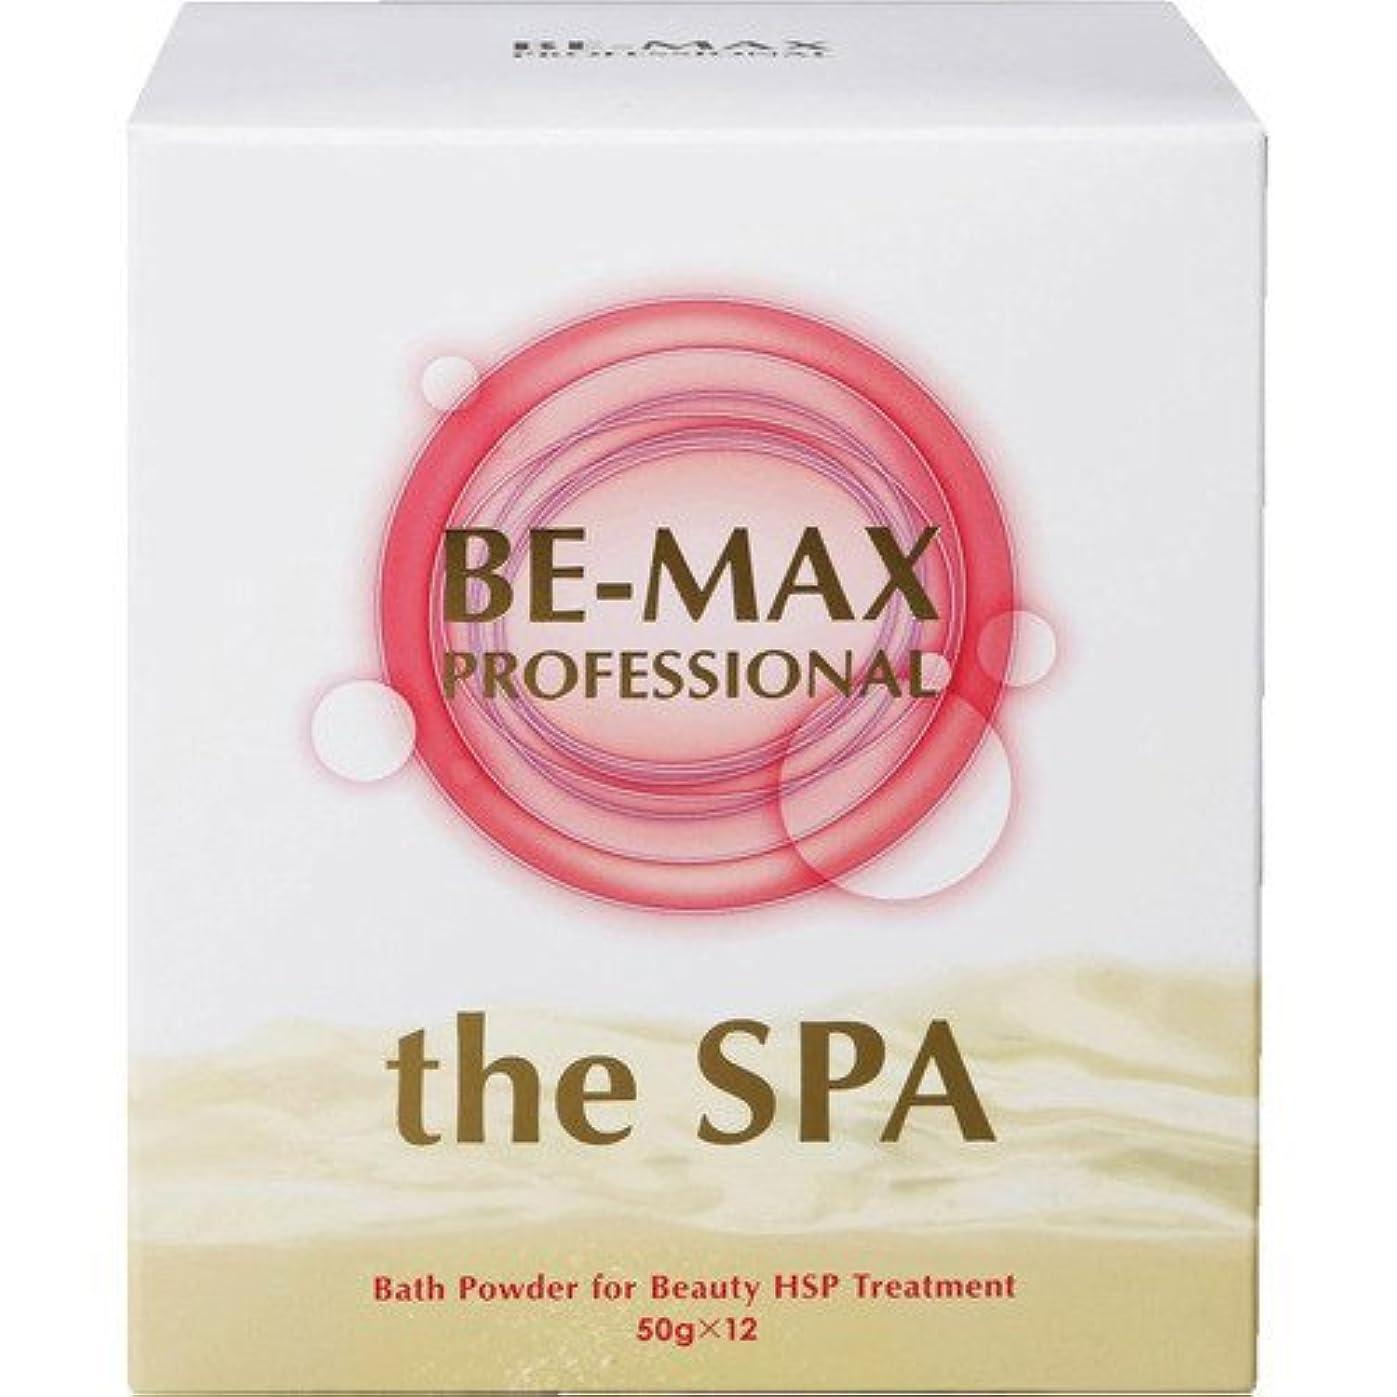 カーフ祝う記念品BE-MAX PROFESSIONAL the SPA(ザ?スパ) ビーマックスプロフェッショナル ザ?スパ バスパウダー 50gx12包 (4571132621587)